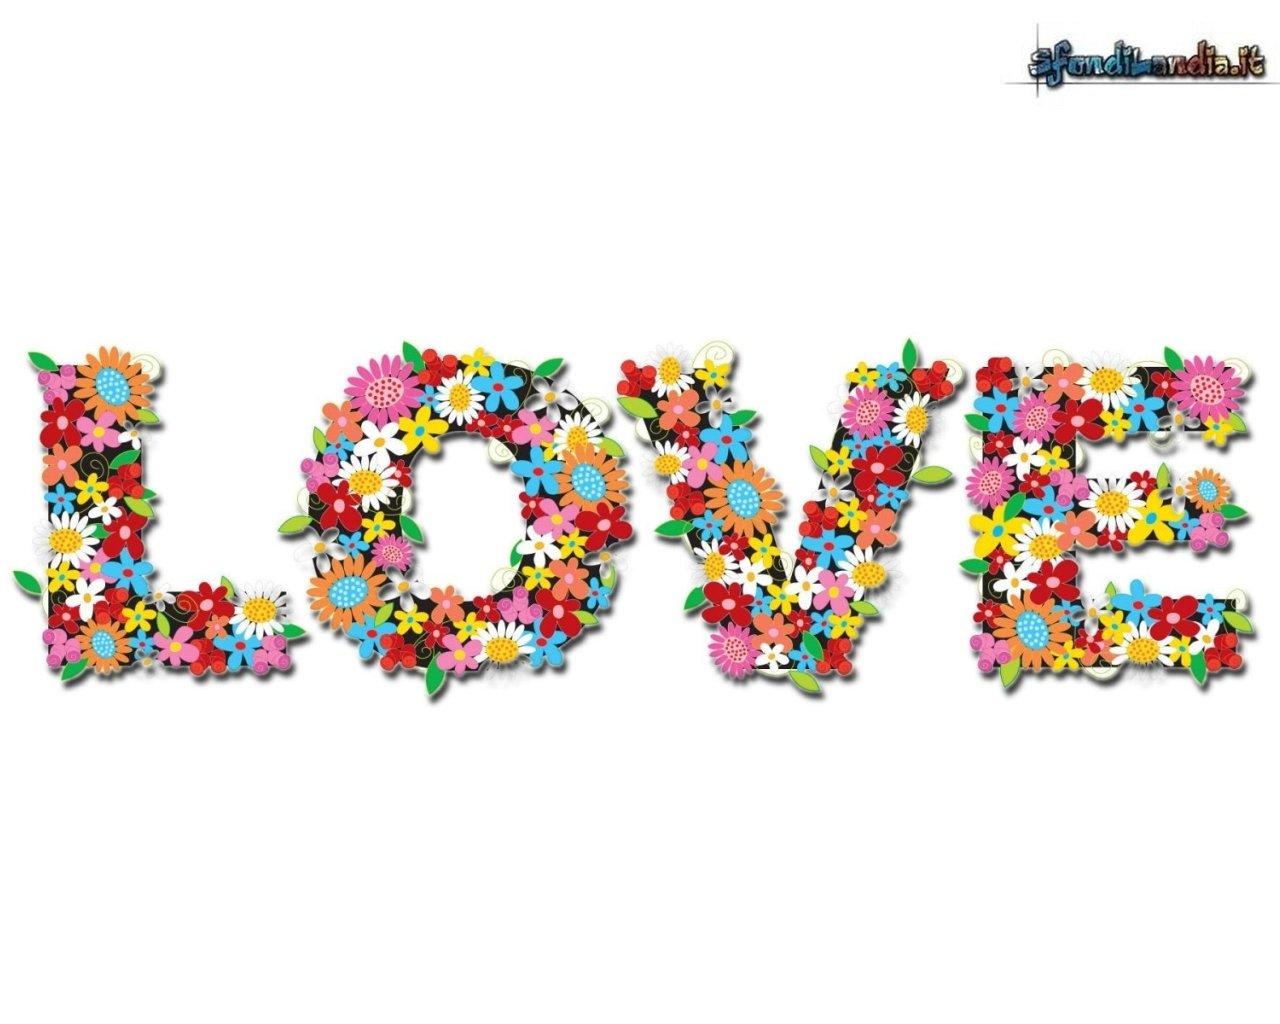 Amore fiorito